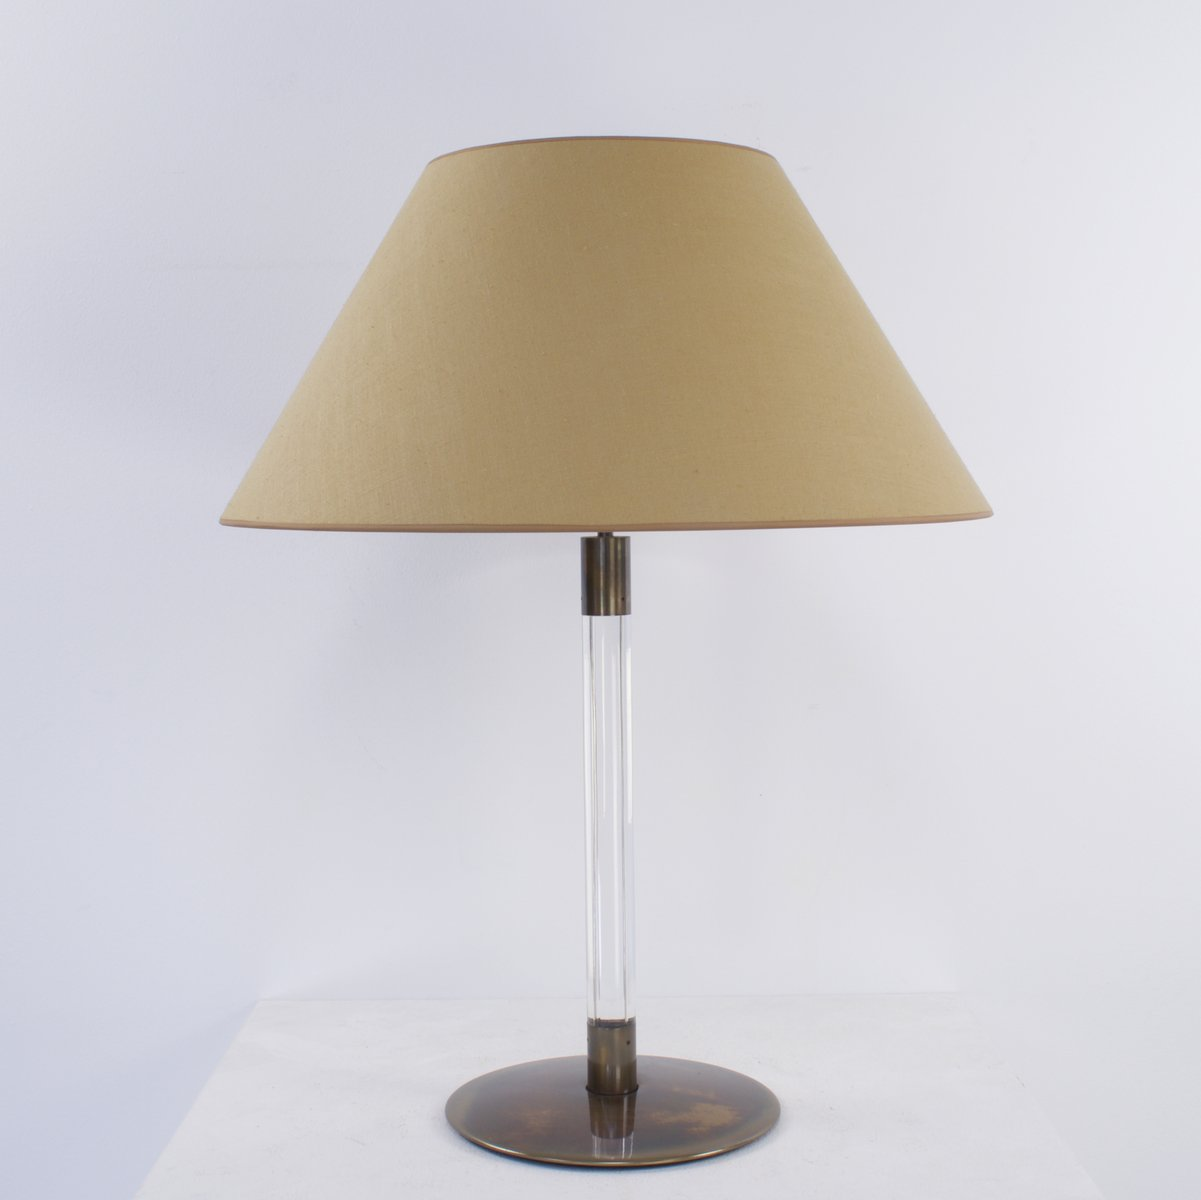 vintage tischlampe mit schirm und zweifacher fassung bei. Black Bedroom Furniture Sets. Home Design Ideas